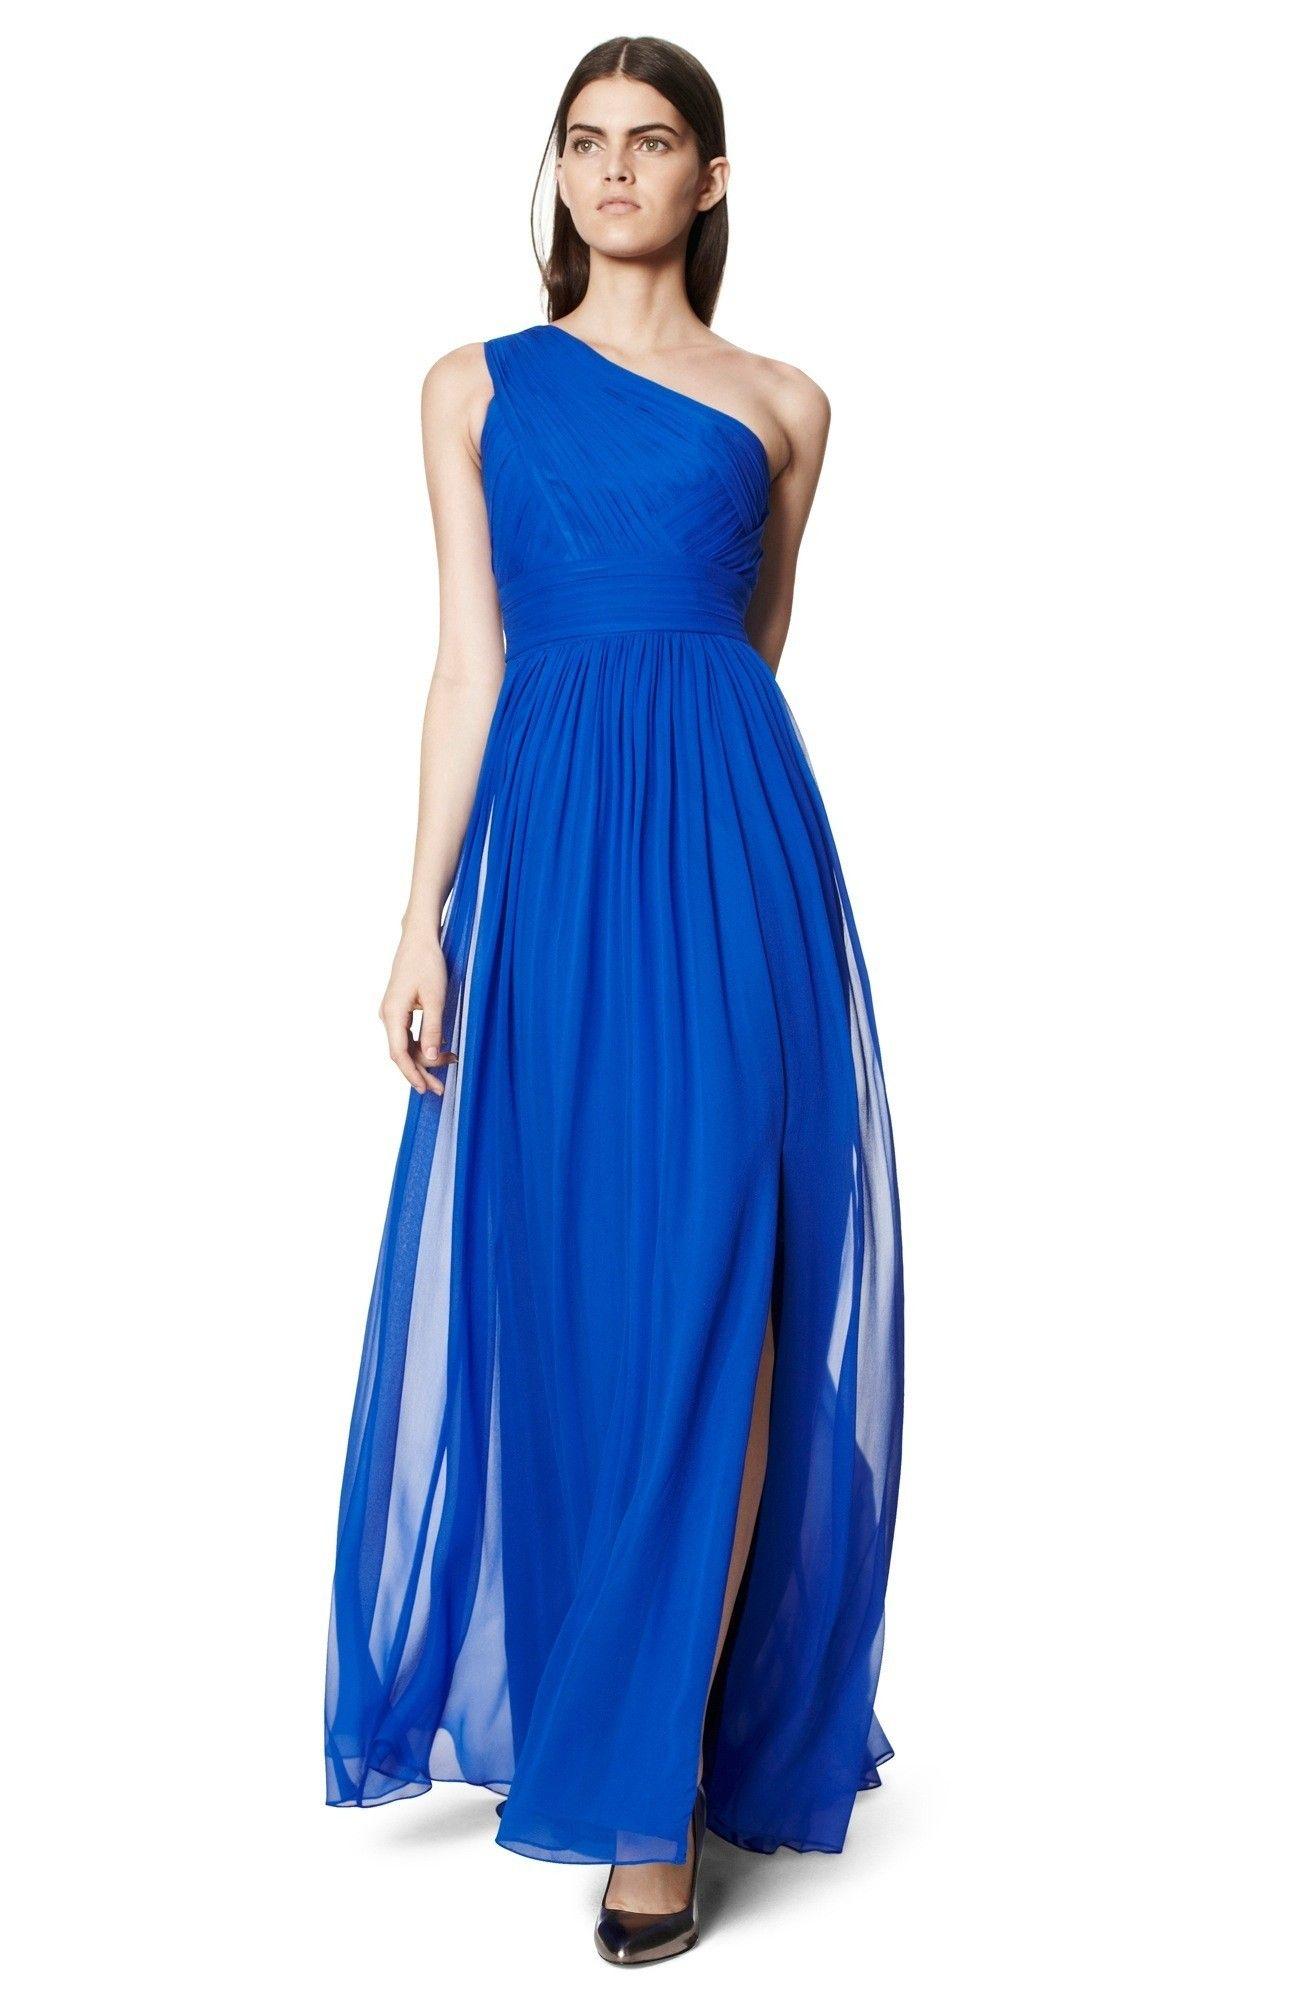 Vestido azul adolfo dominguez